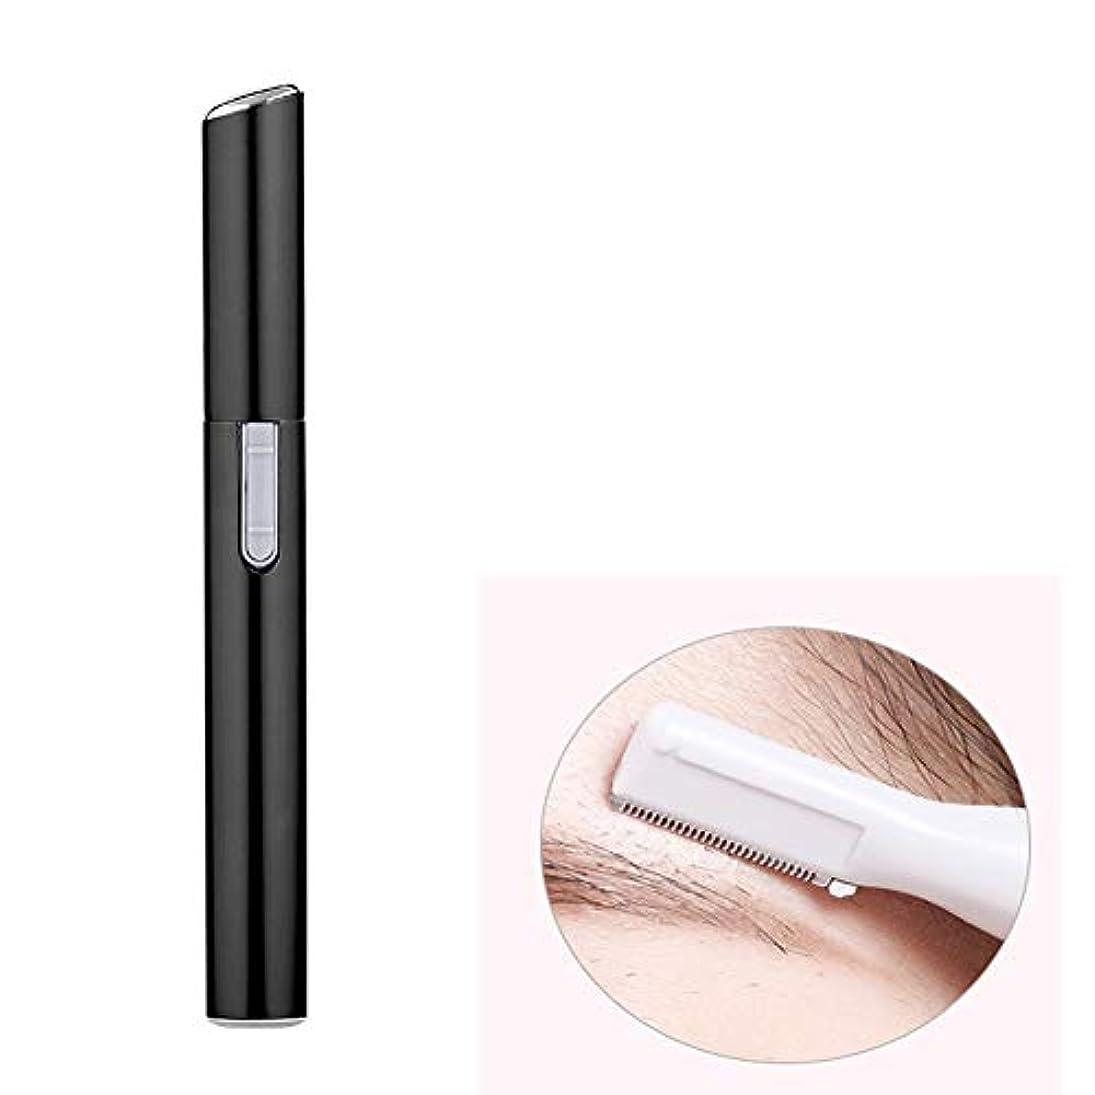 方向離れて叱る多機能電動眉毛形削りナイフ、安全かつ迅速な痛みのない眉毛シェービング(2パック),Black